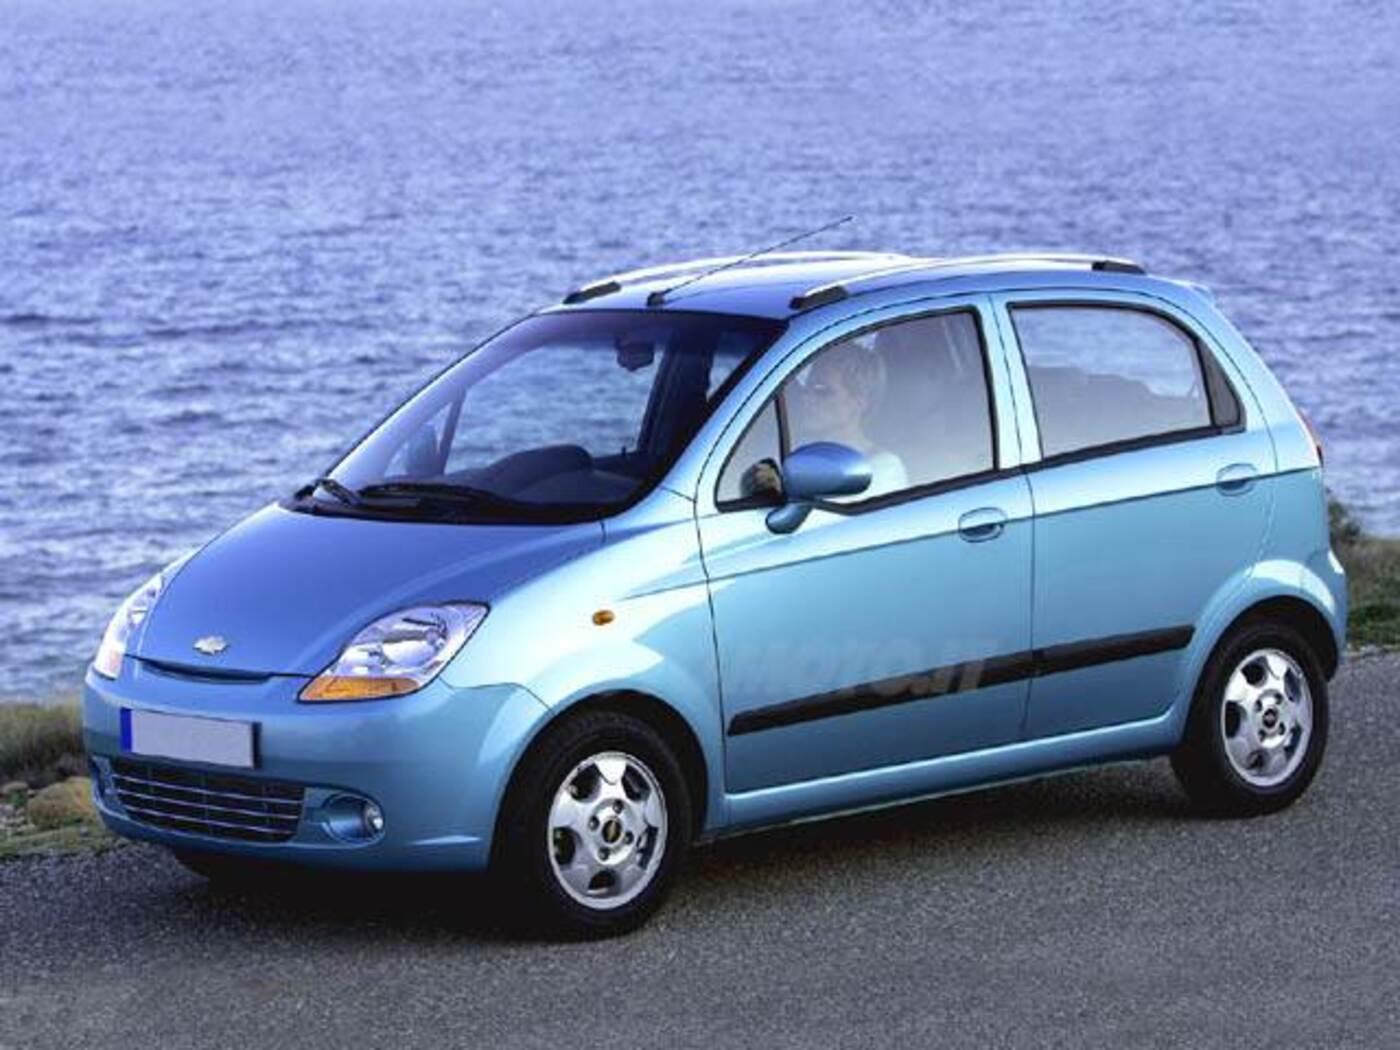 Chevrolet Matiz 800 S Planet 10 2005 03 2007 Prezzo E Scheda